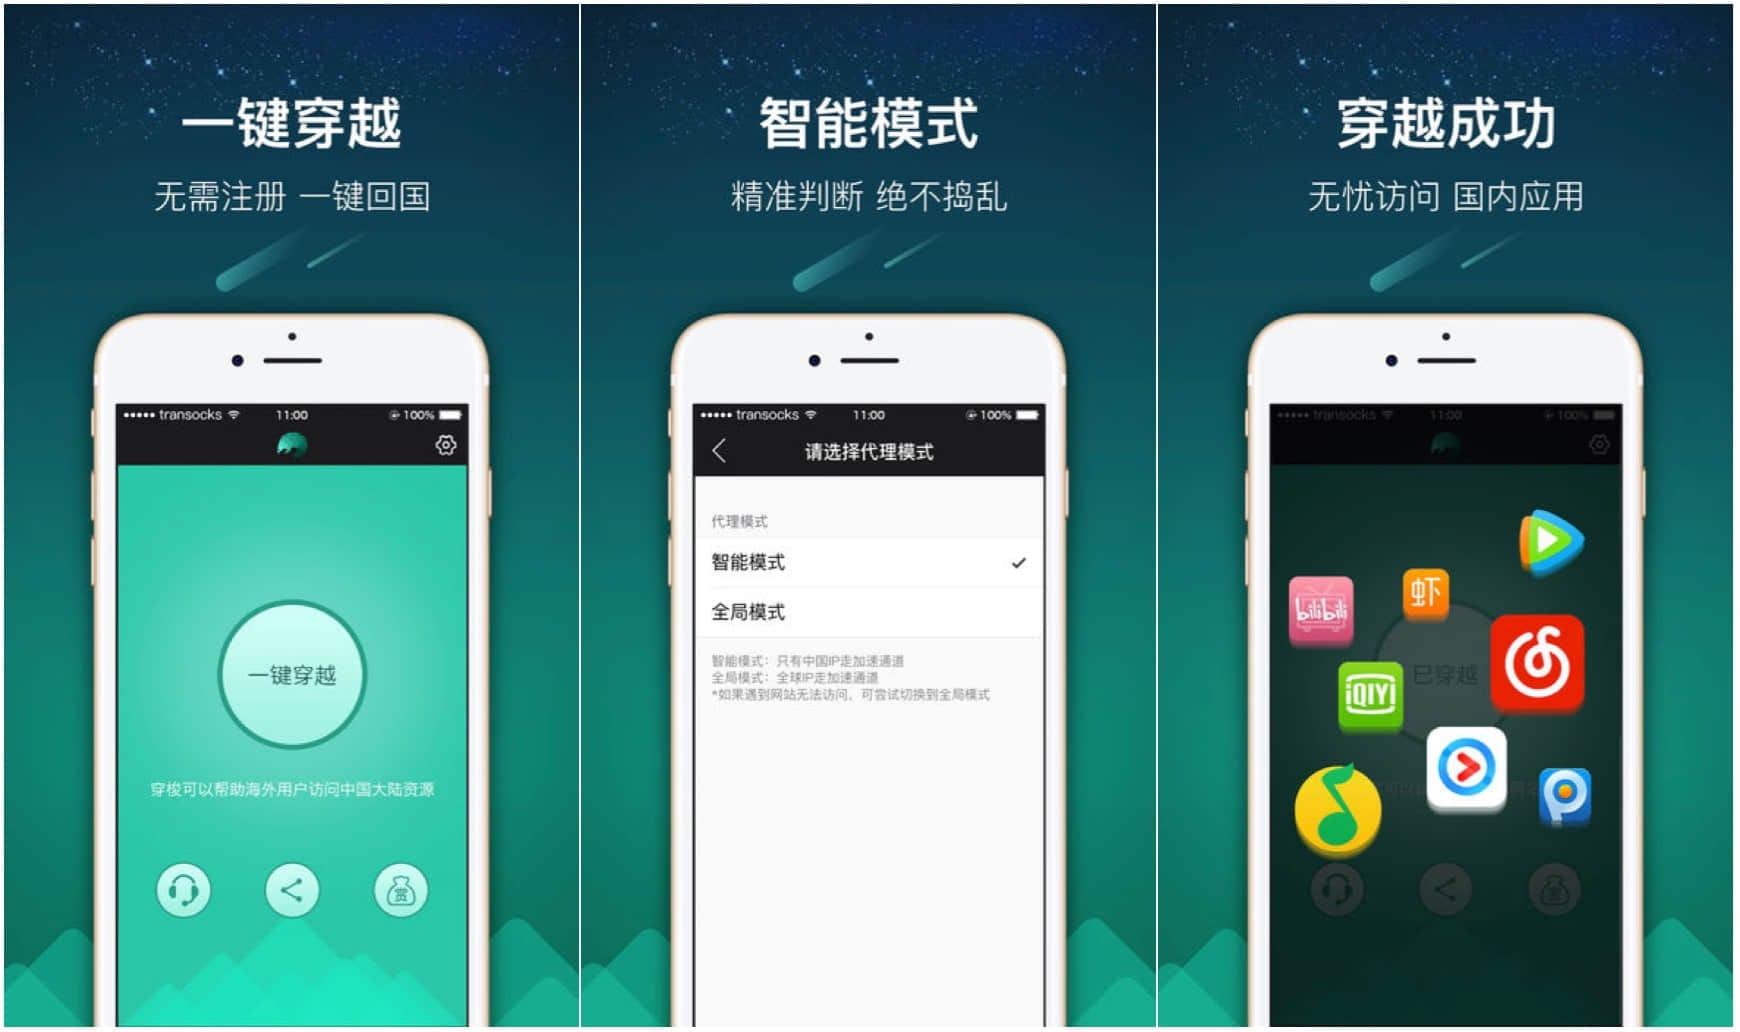 穿梭Transocks:帮助海外华人访问国内应用更迅捷